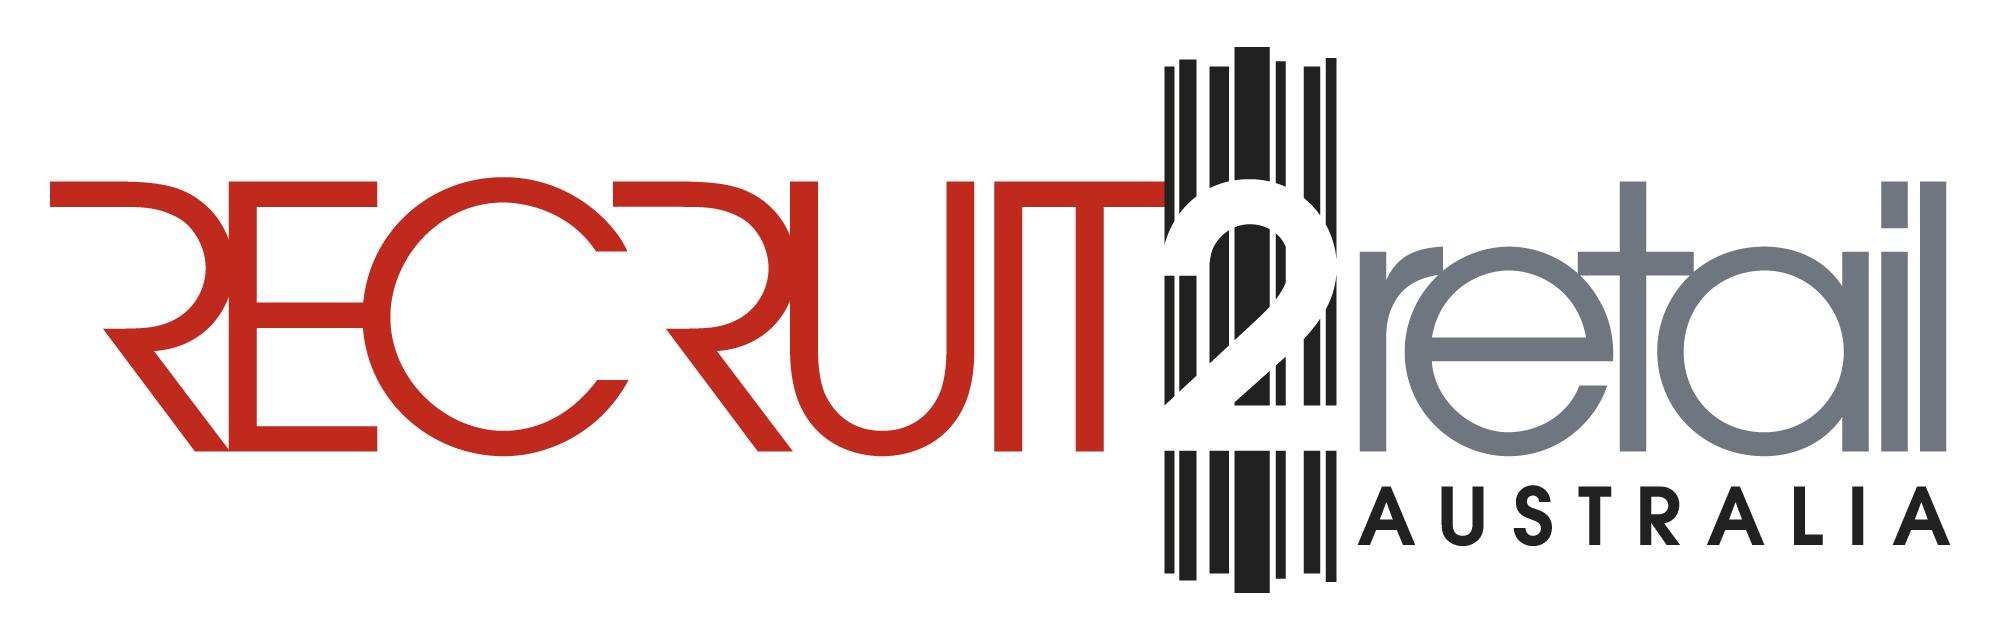 Logo for RECRUIT2retail AUSTRALIA